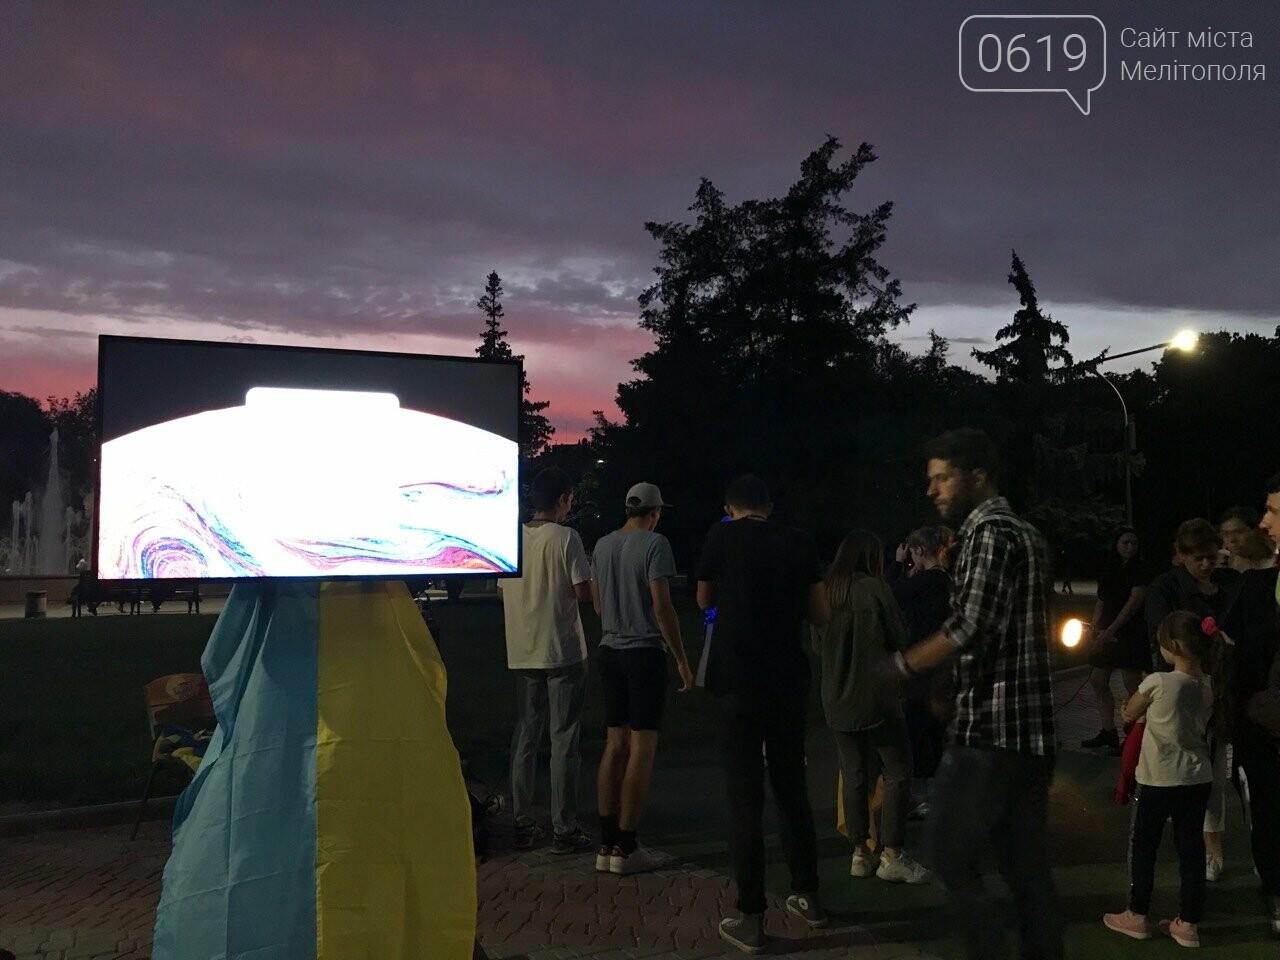 Некоторые мелитопольцы не знают, как выглядит флаг Украины , фото-1